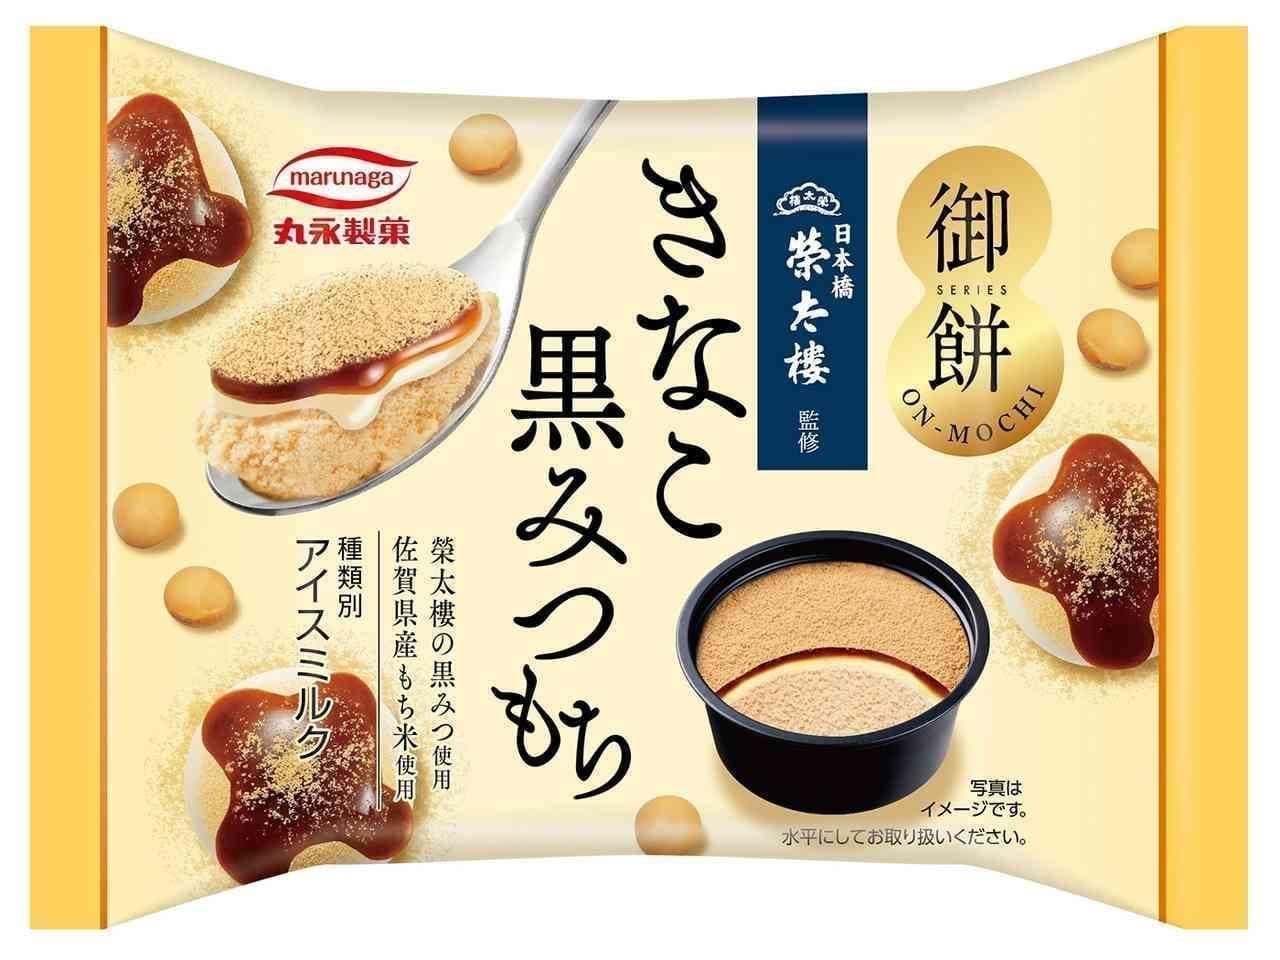 丸永製菓「御餅 きなこ黒みつもち」